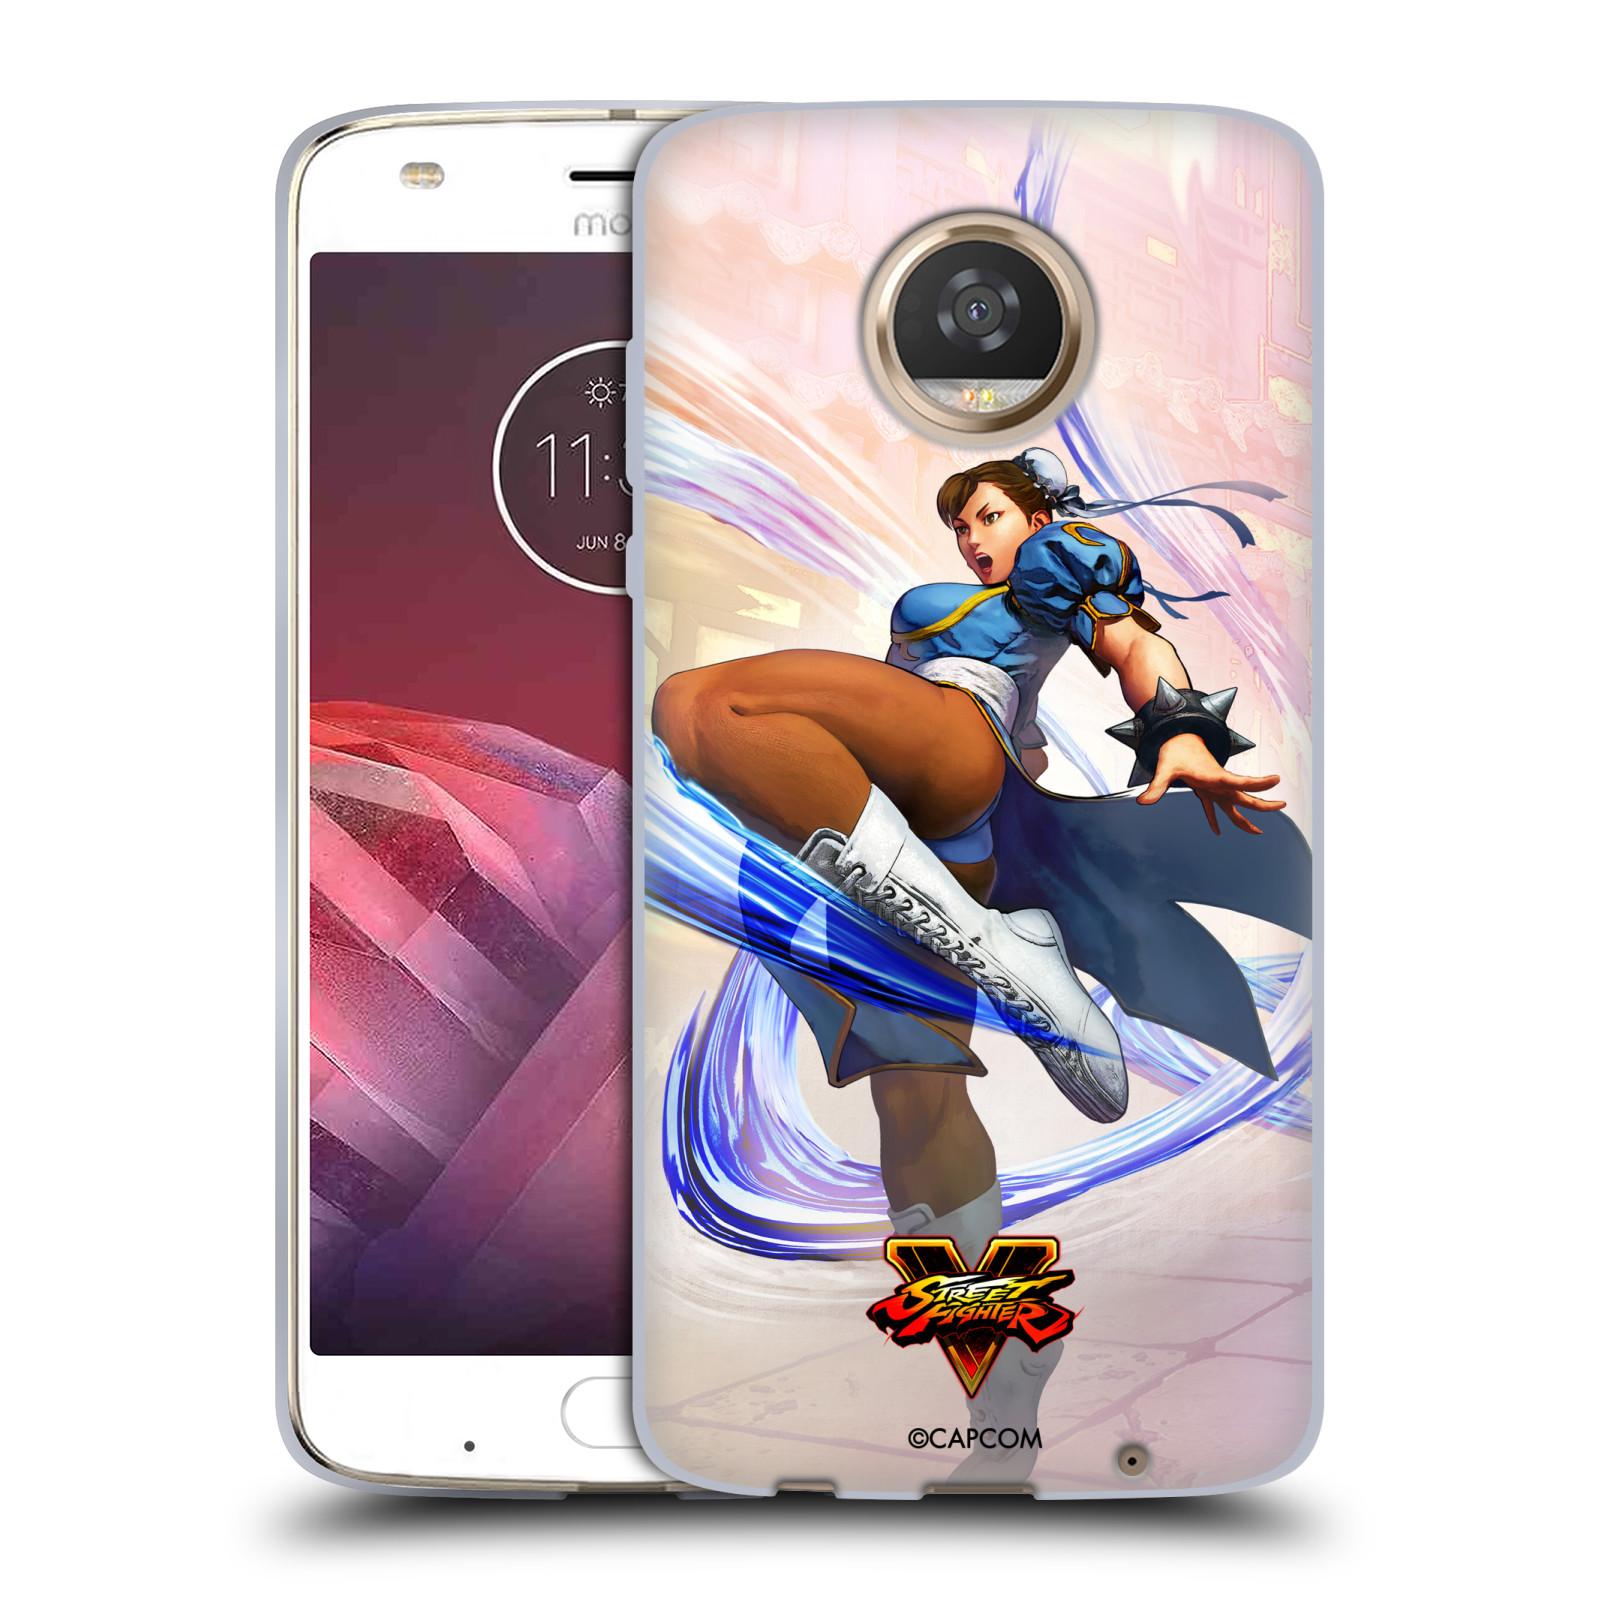 HEAD CASE silikonový obal na mobil Motorola Moto Z2 PLAY oficiální kryt STREET FIGHTER bojovnice Chun-Li